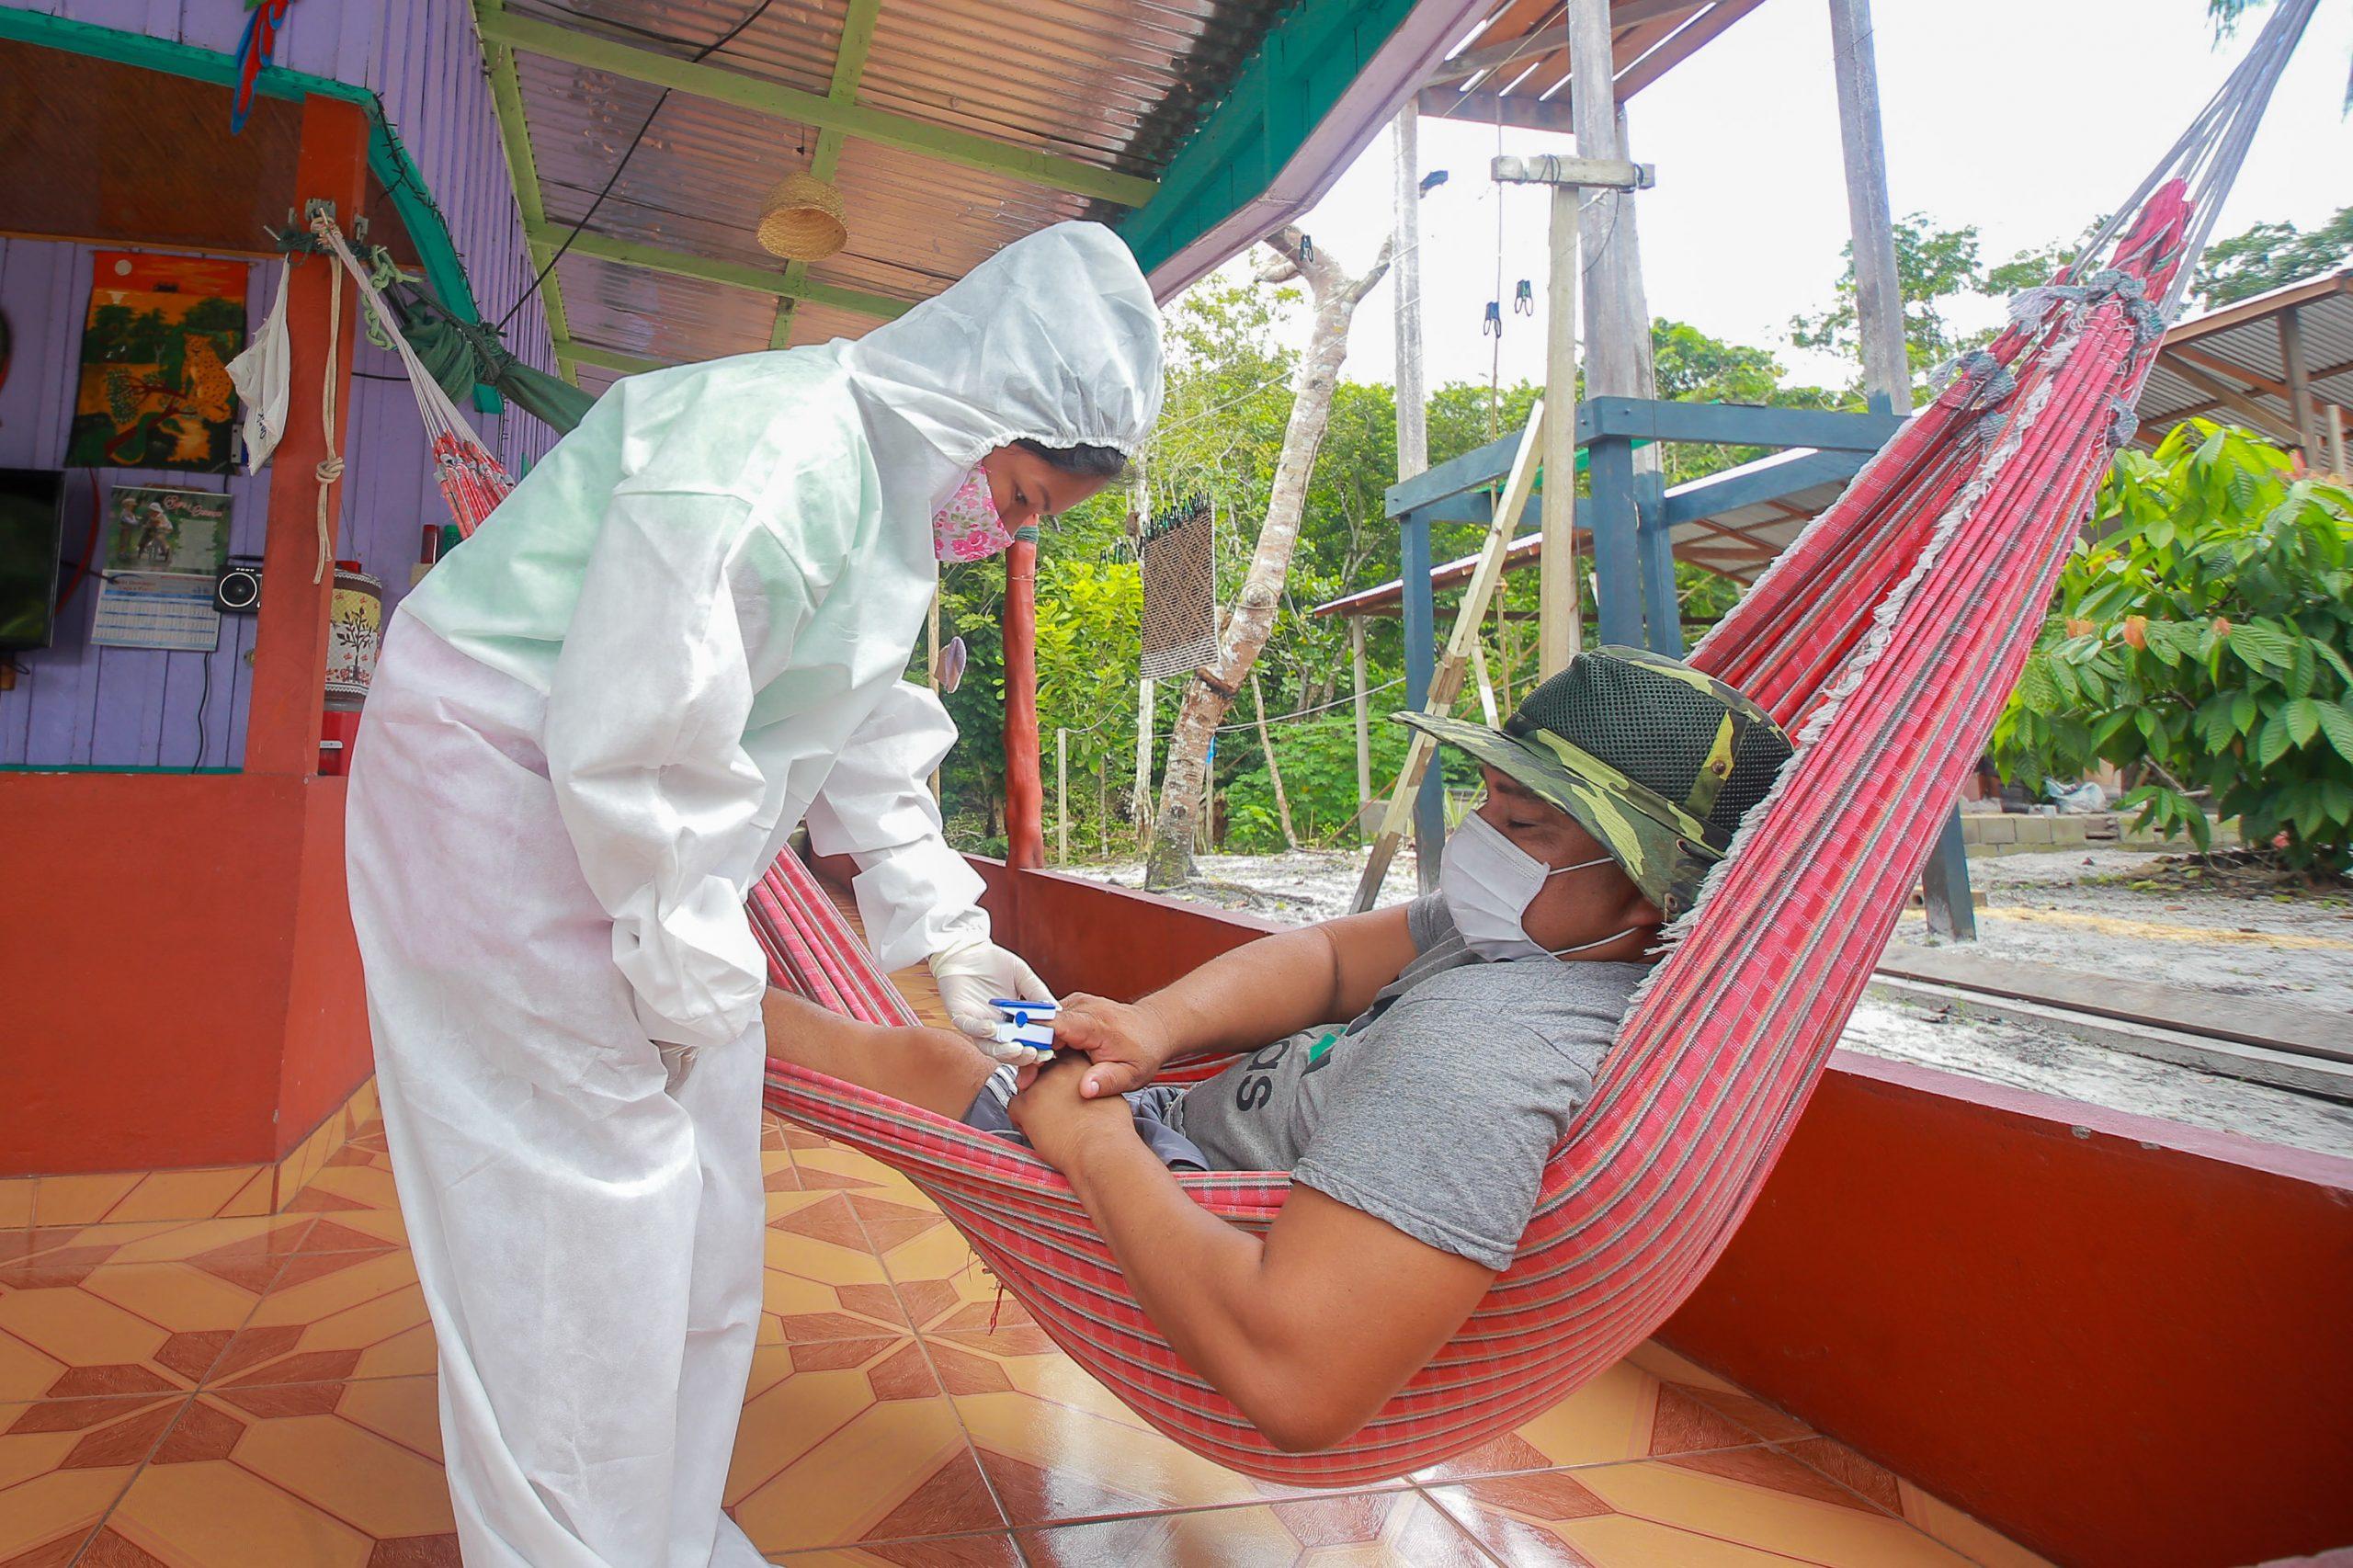 Governo do Estado disponibiliza 200 testes rápidos para diagnóstico de Covid-19 em Unidades de Conservação do Amazonas